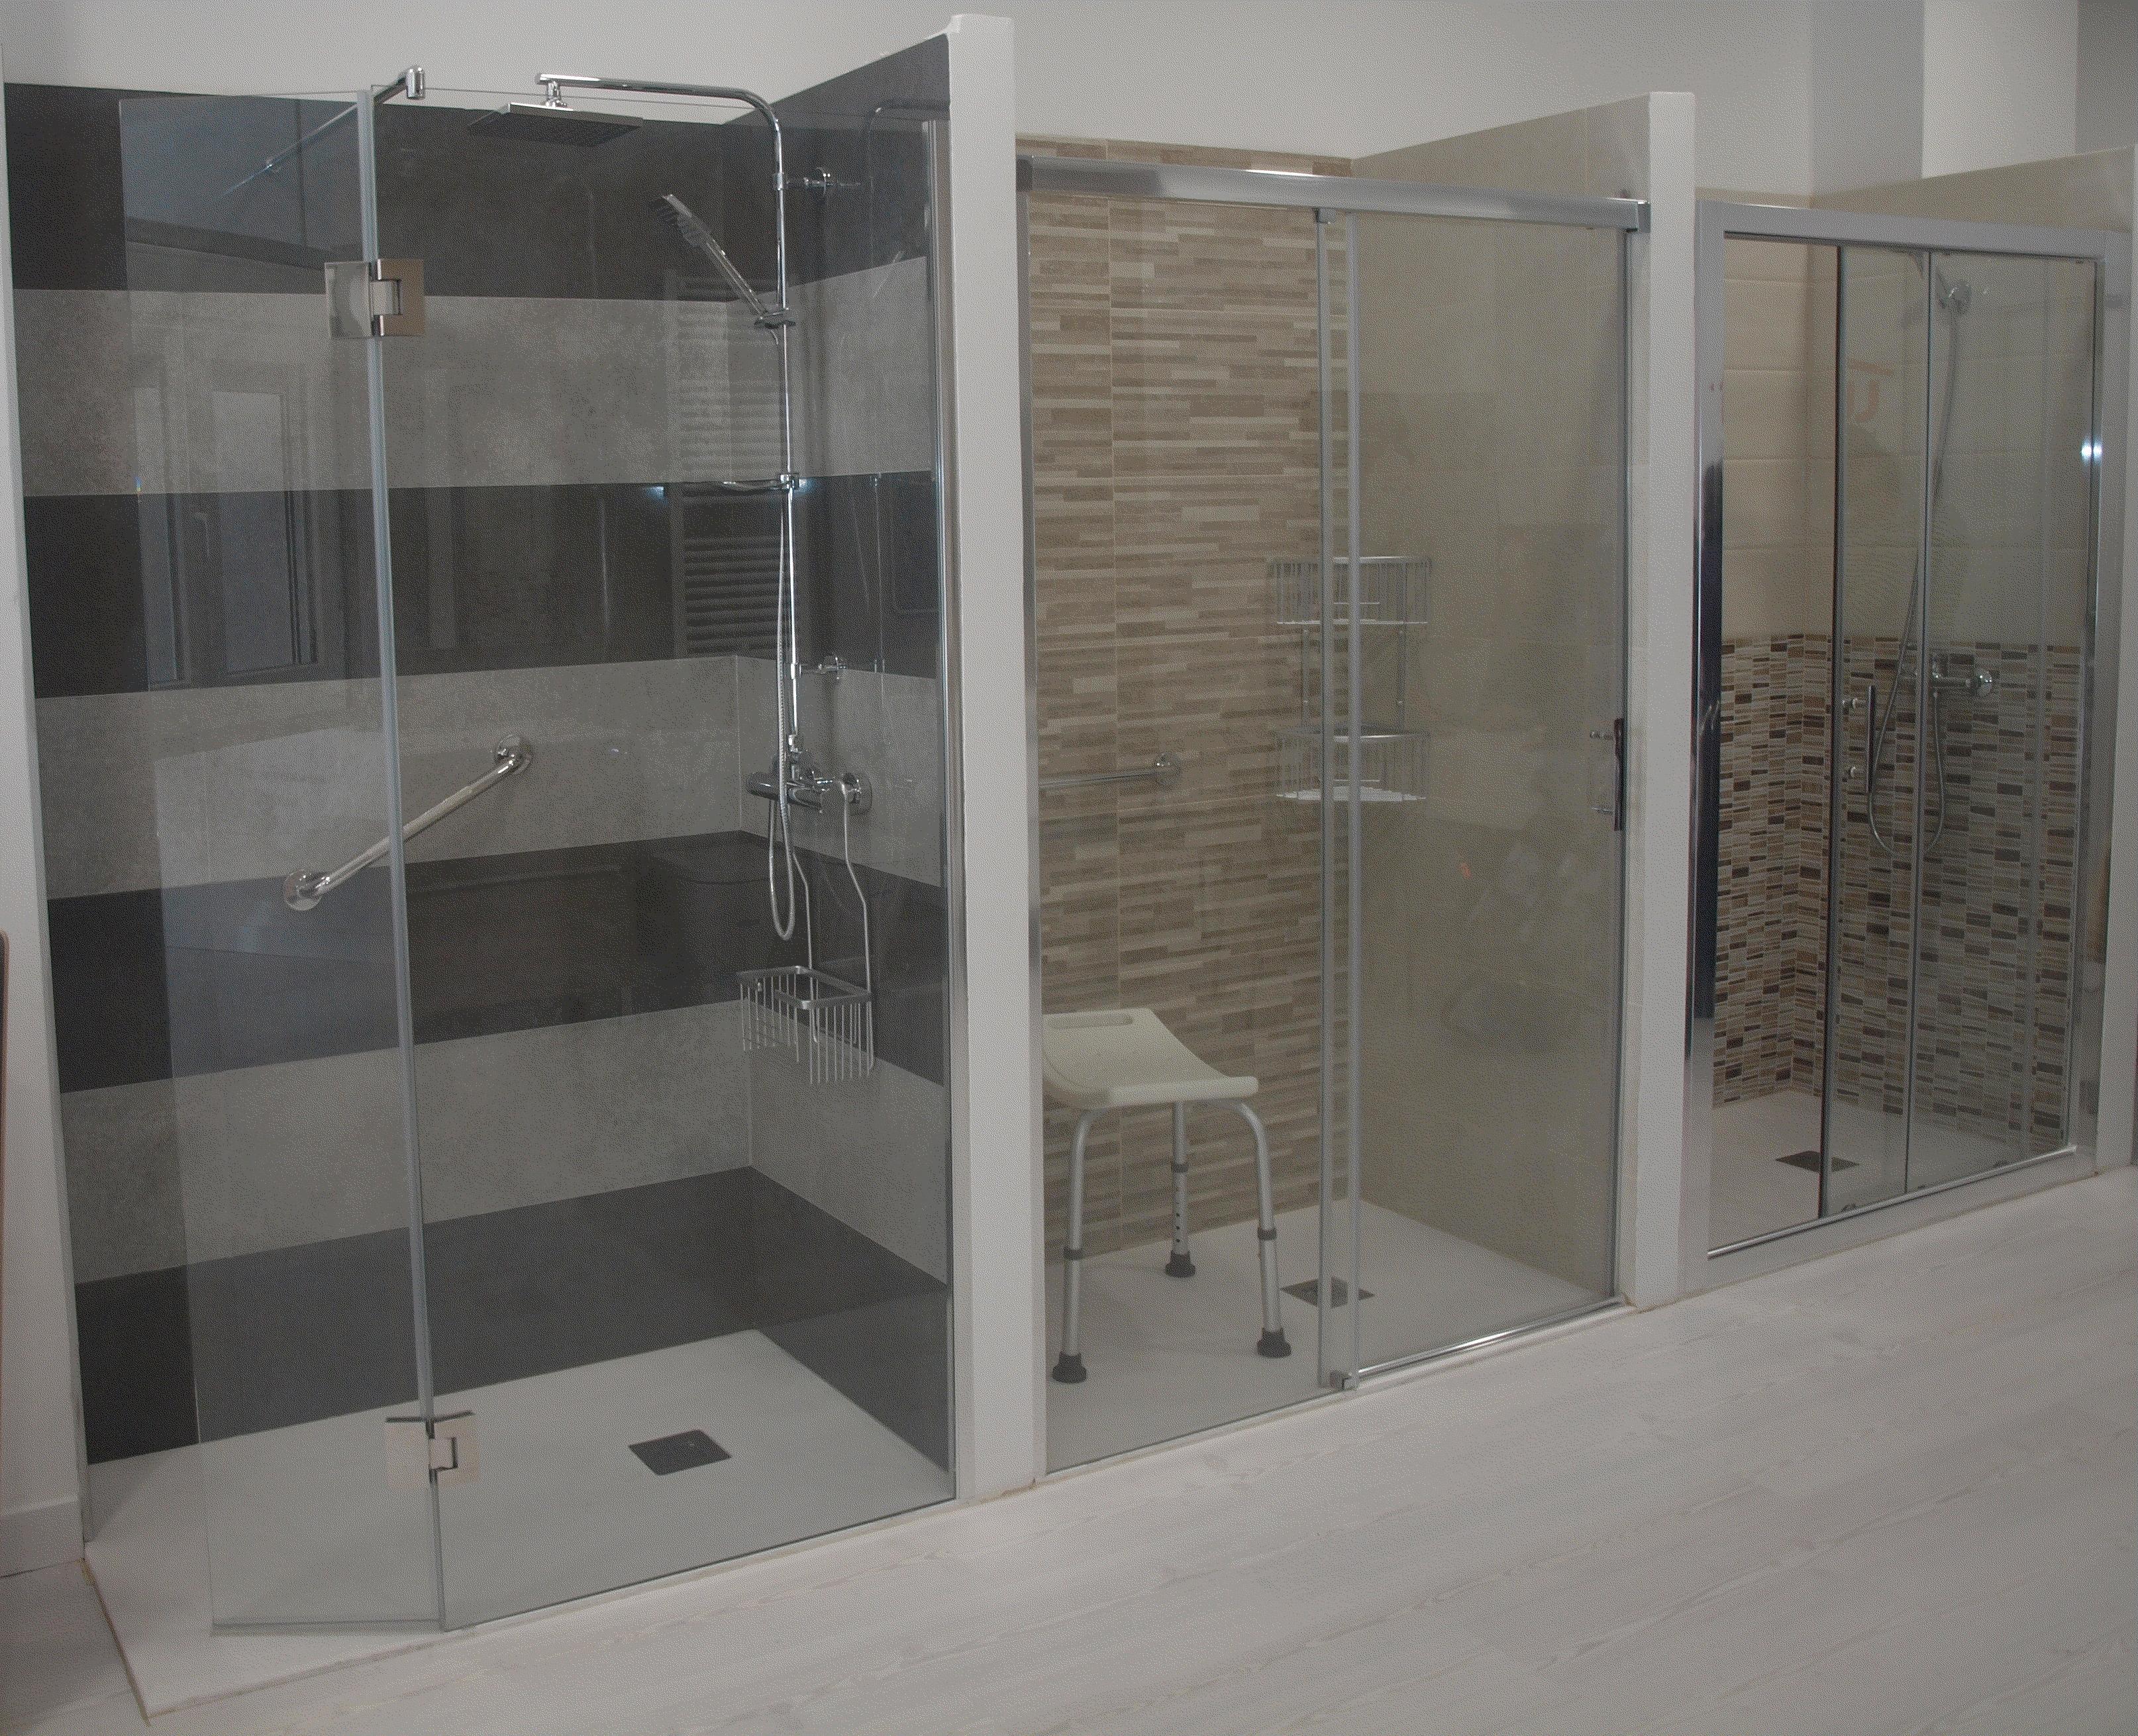 LUCASA baños, ventanas y reformas, Logroño-La Rioja